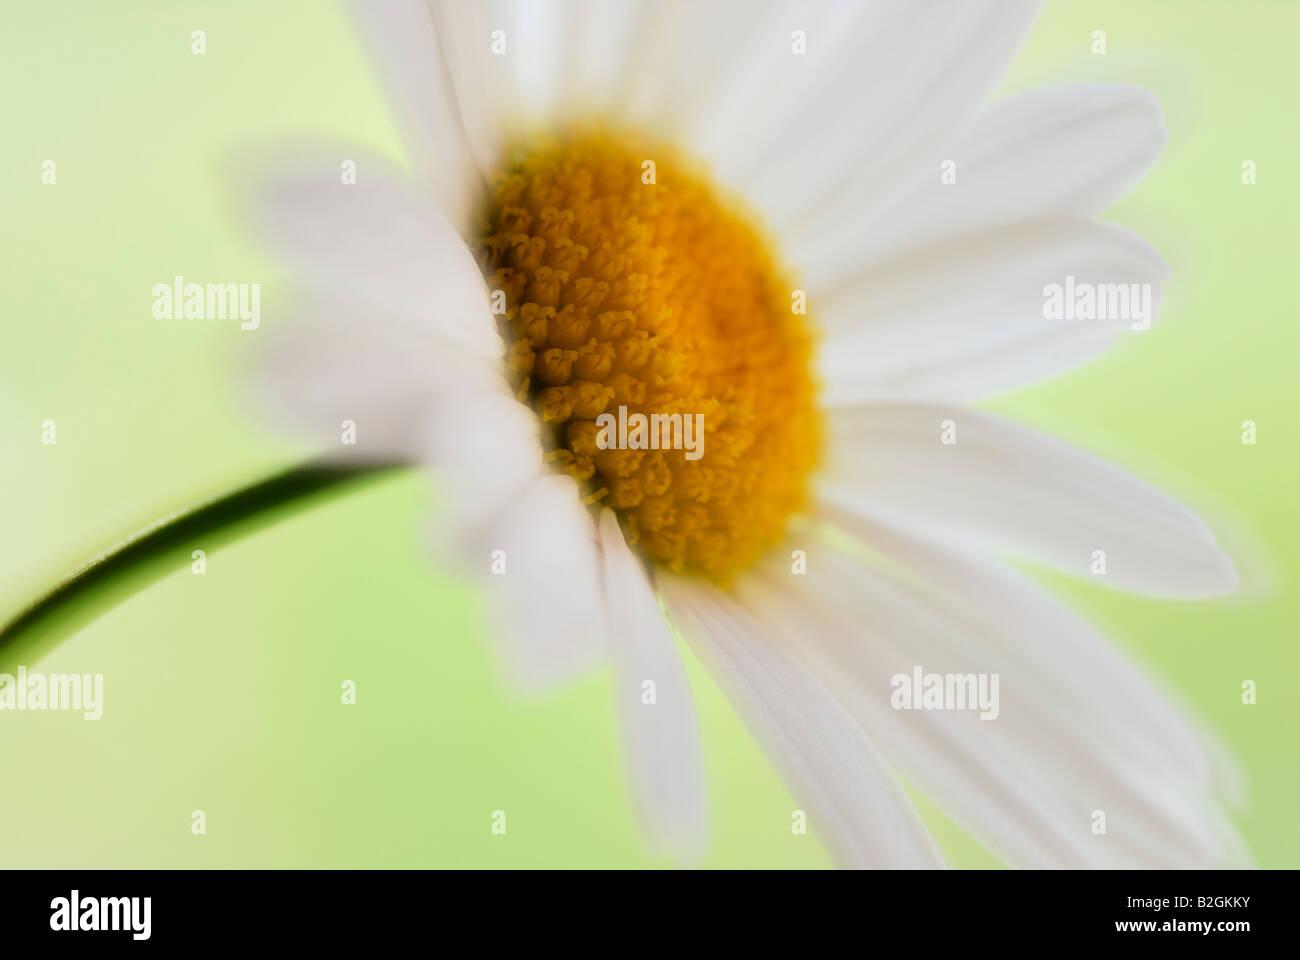 Oxeye daisy Leucanthemum vulgare planta con flores flor flor florece todavía stills antecedentes antecedentes Imagen De Stock